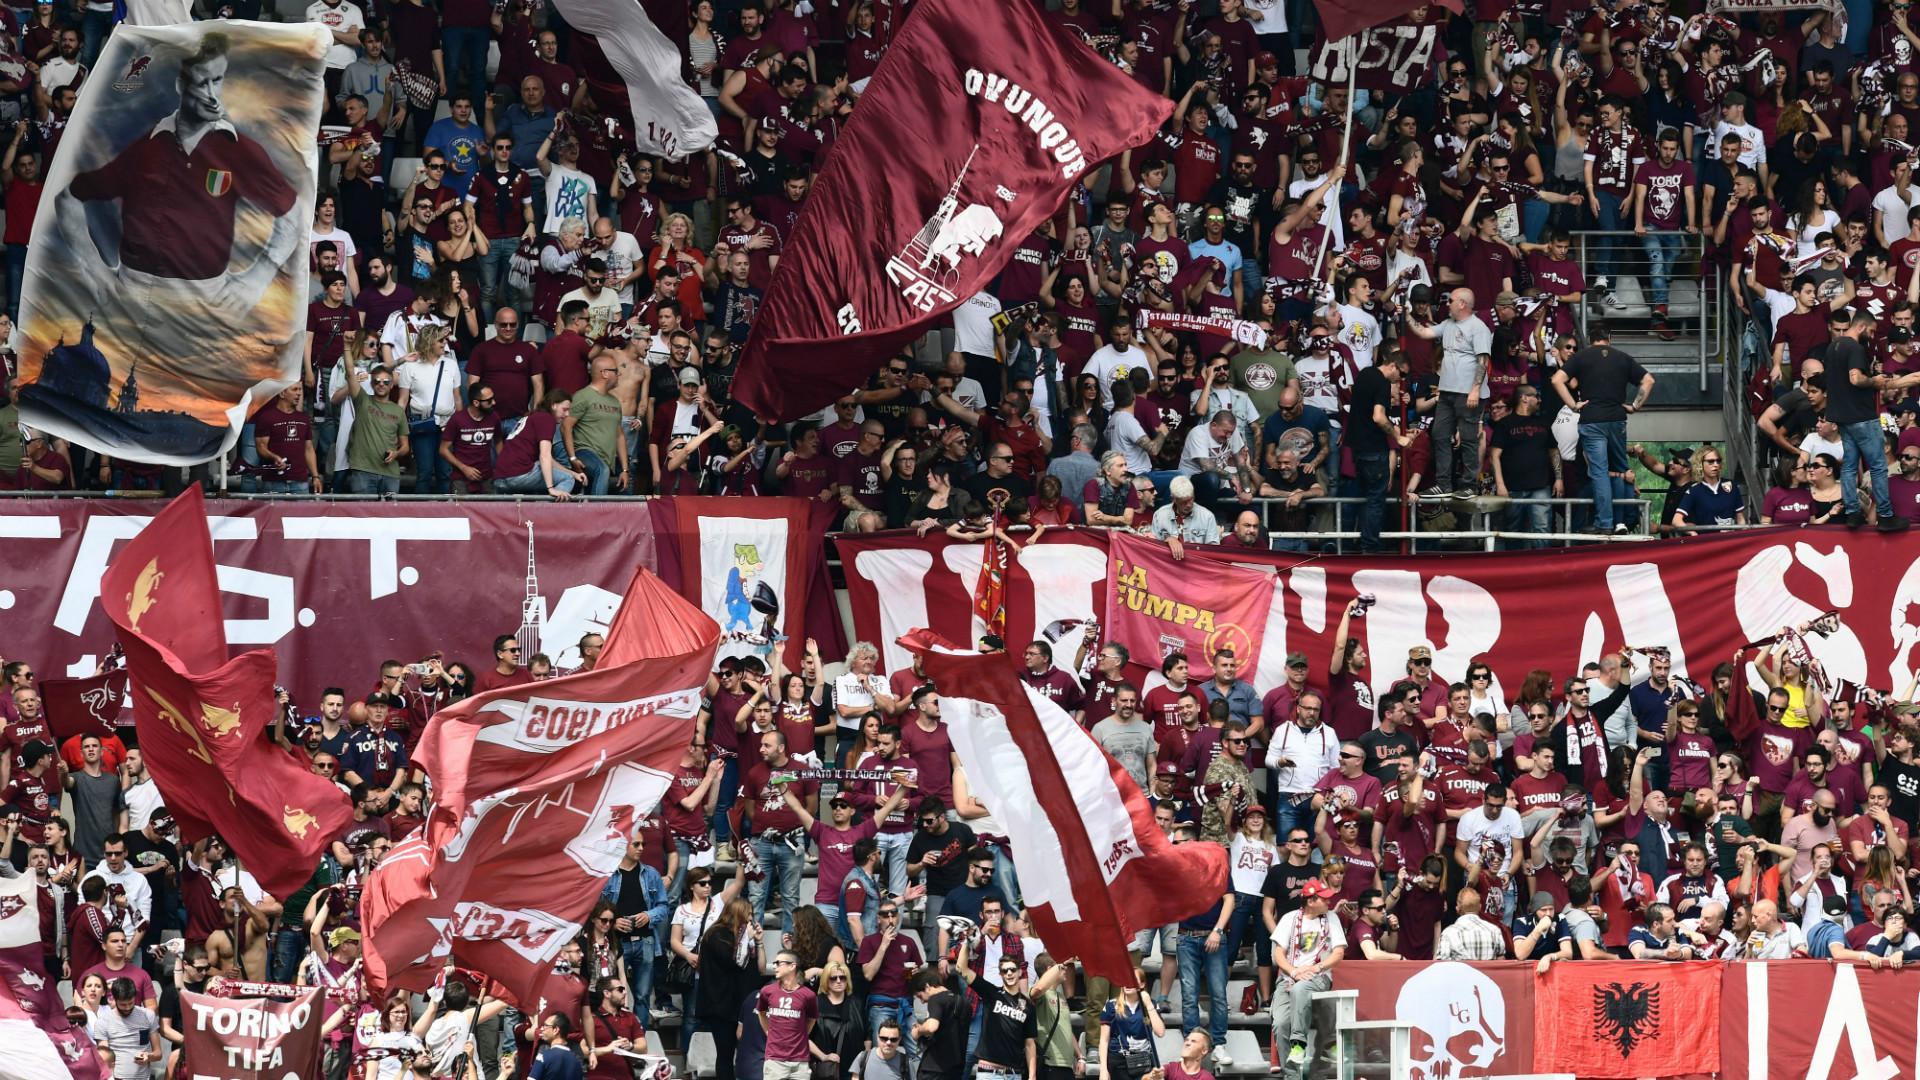 Torino fans, Serie A